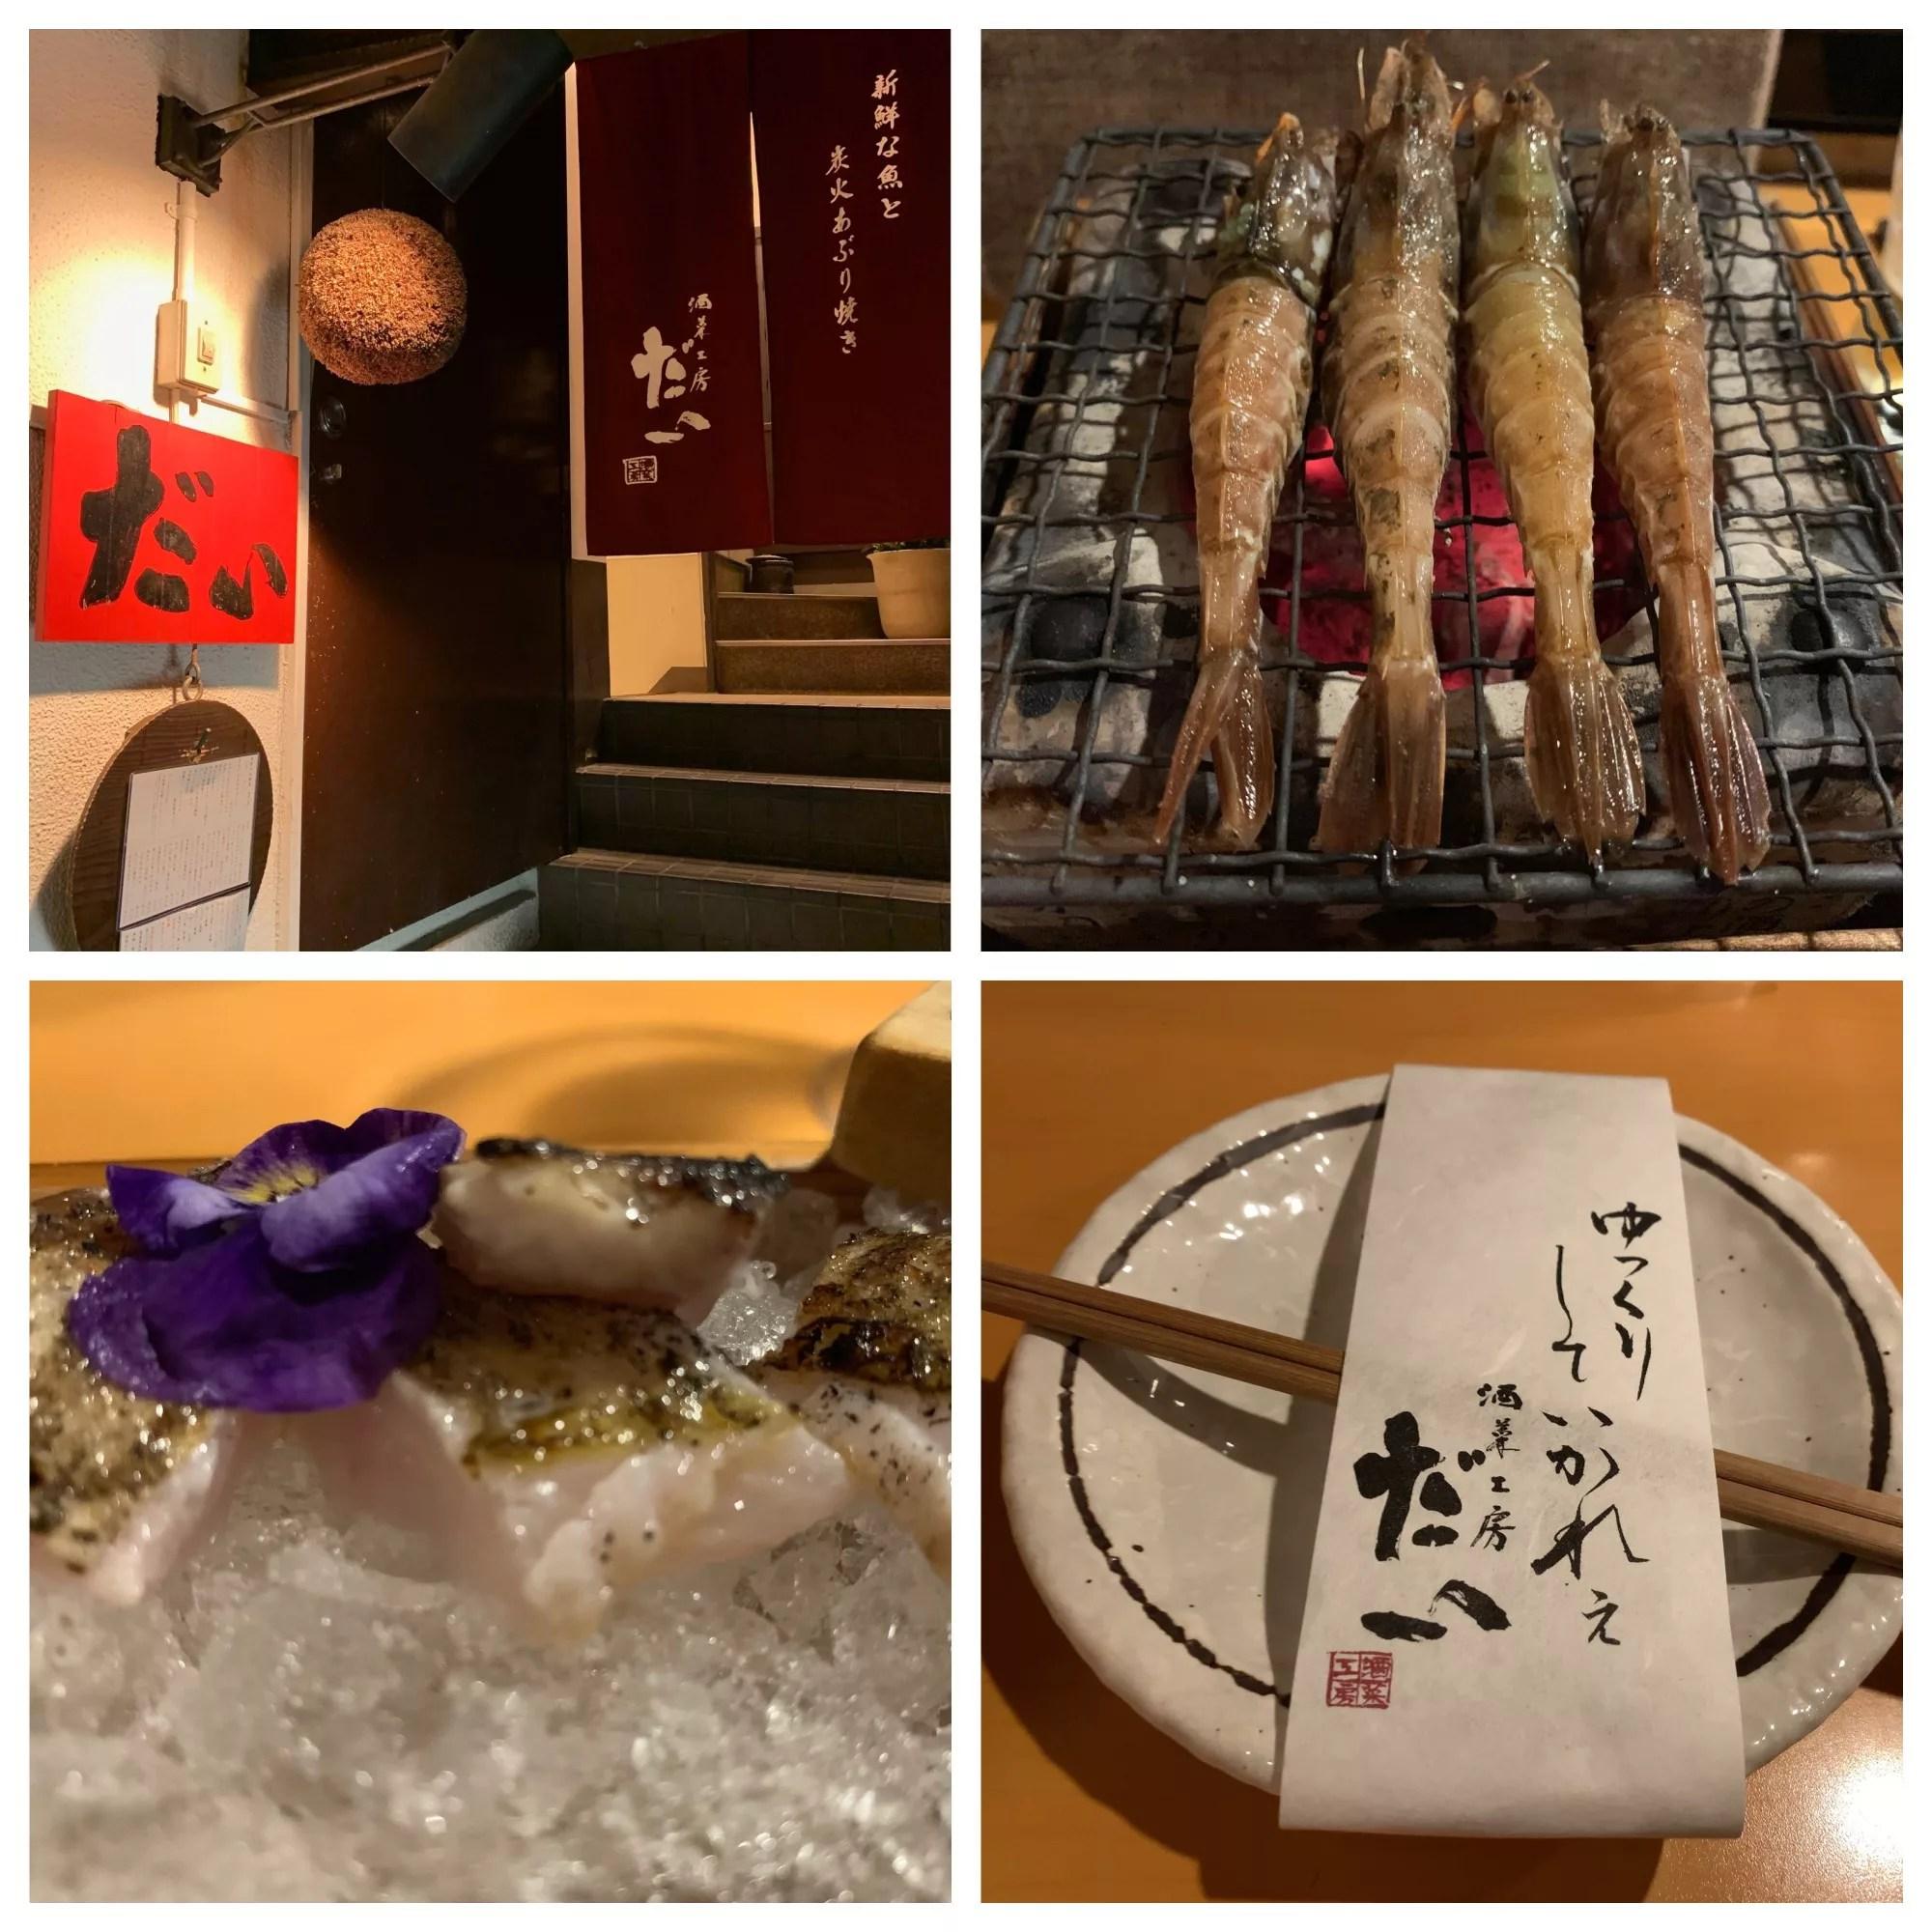 【富山グルメ】酒菜工房だい(地元の食材を中心に頂けるハイレベルな居酒屋)